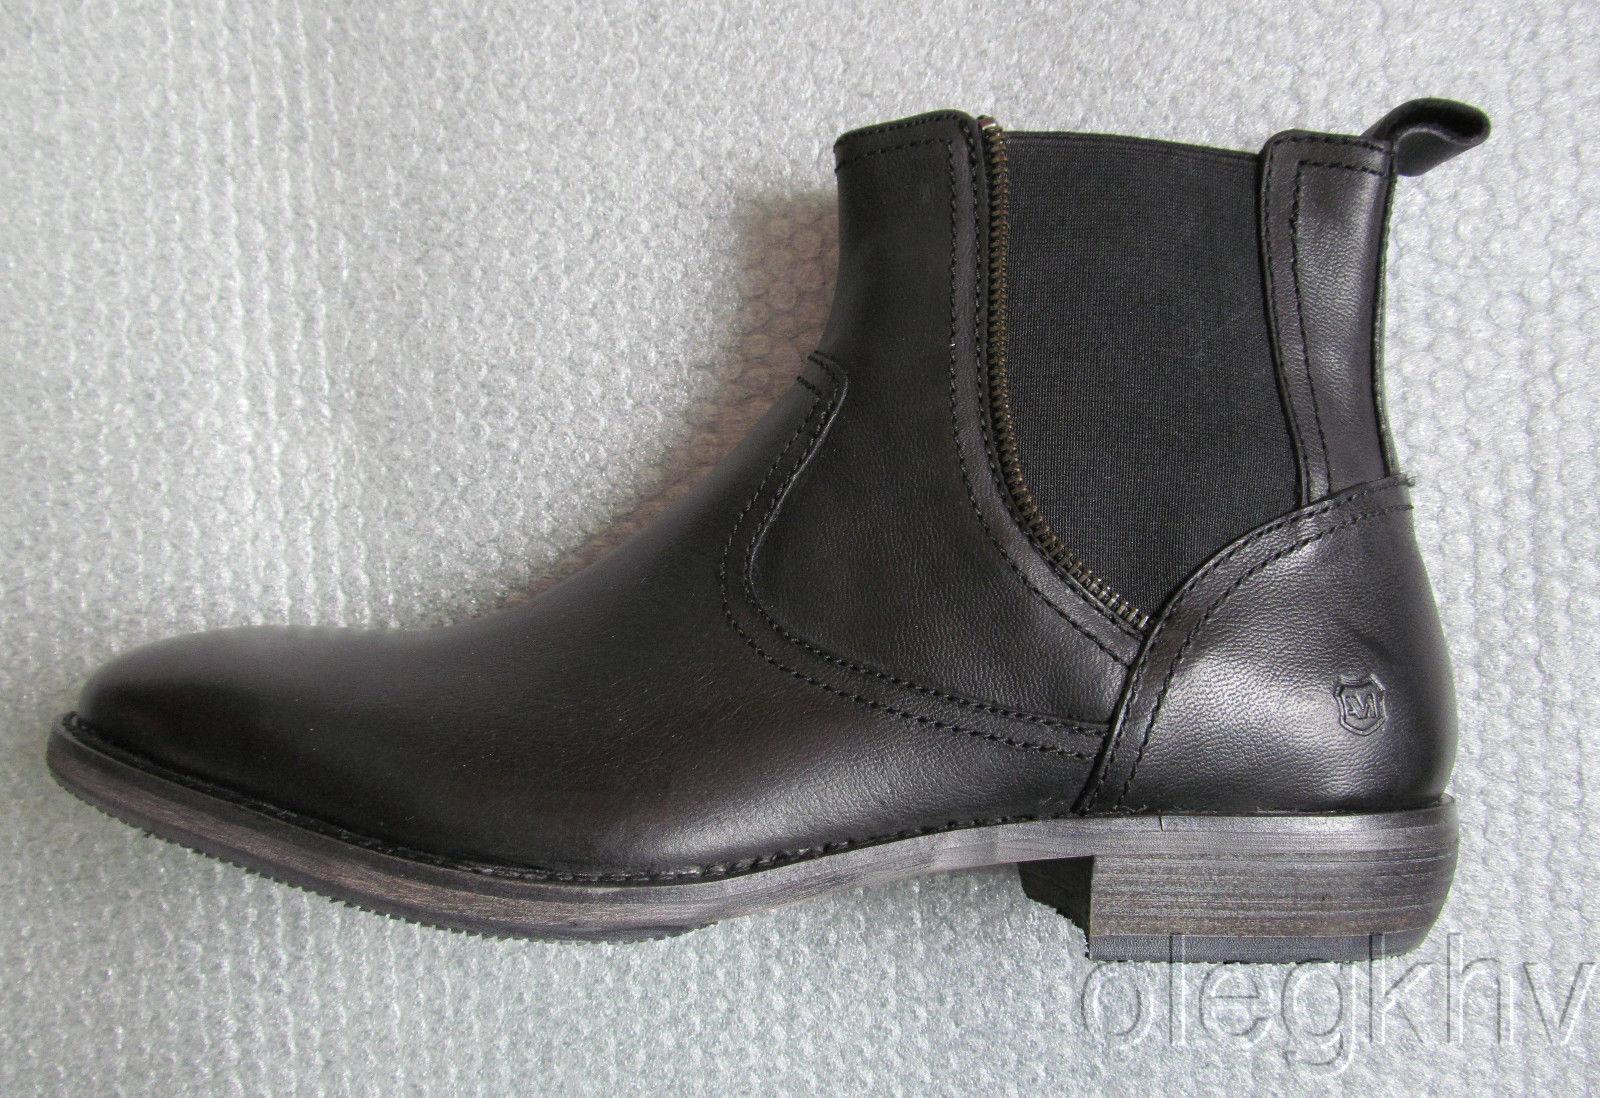 NEW Andrew Marc Chelsea Zip boot  size 12 248